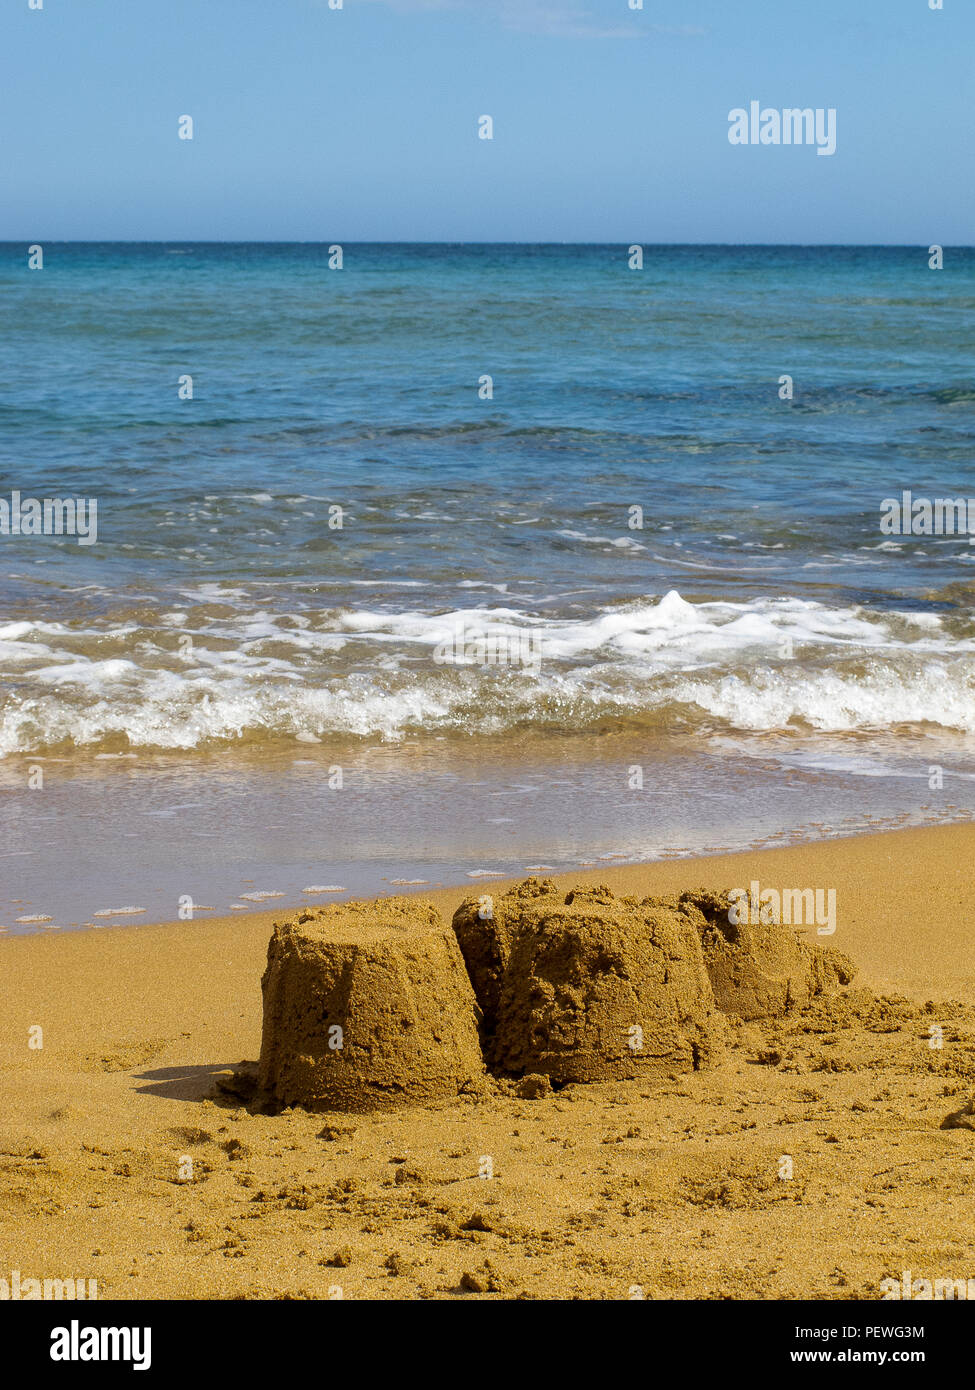 Castillos de Arena en una playa desierta en Calabria (Italia) Imagen De Stock